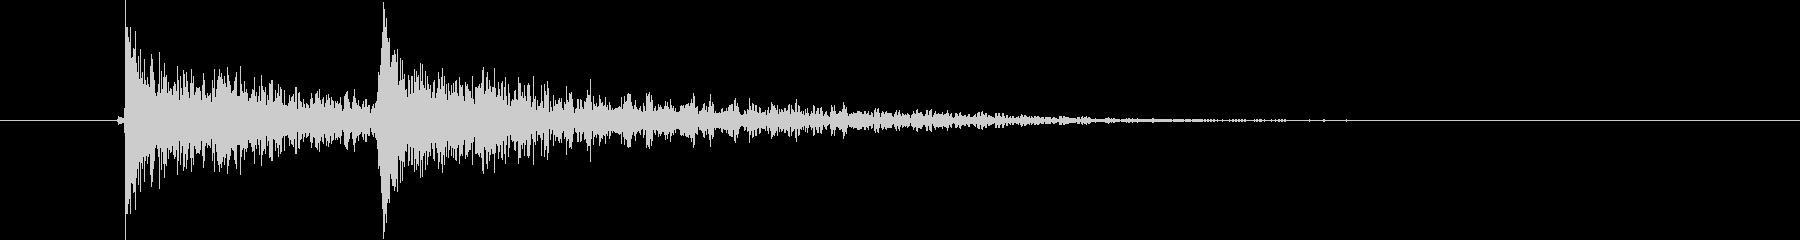 ジャンジャン(決定音、アクシデント)の未再生の波形